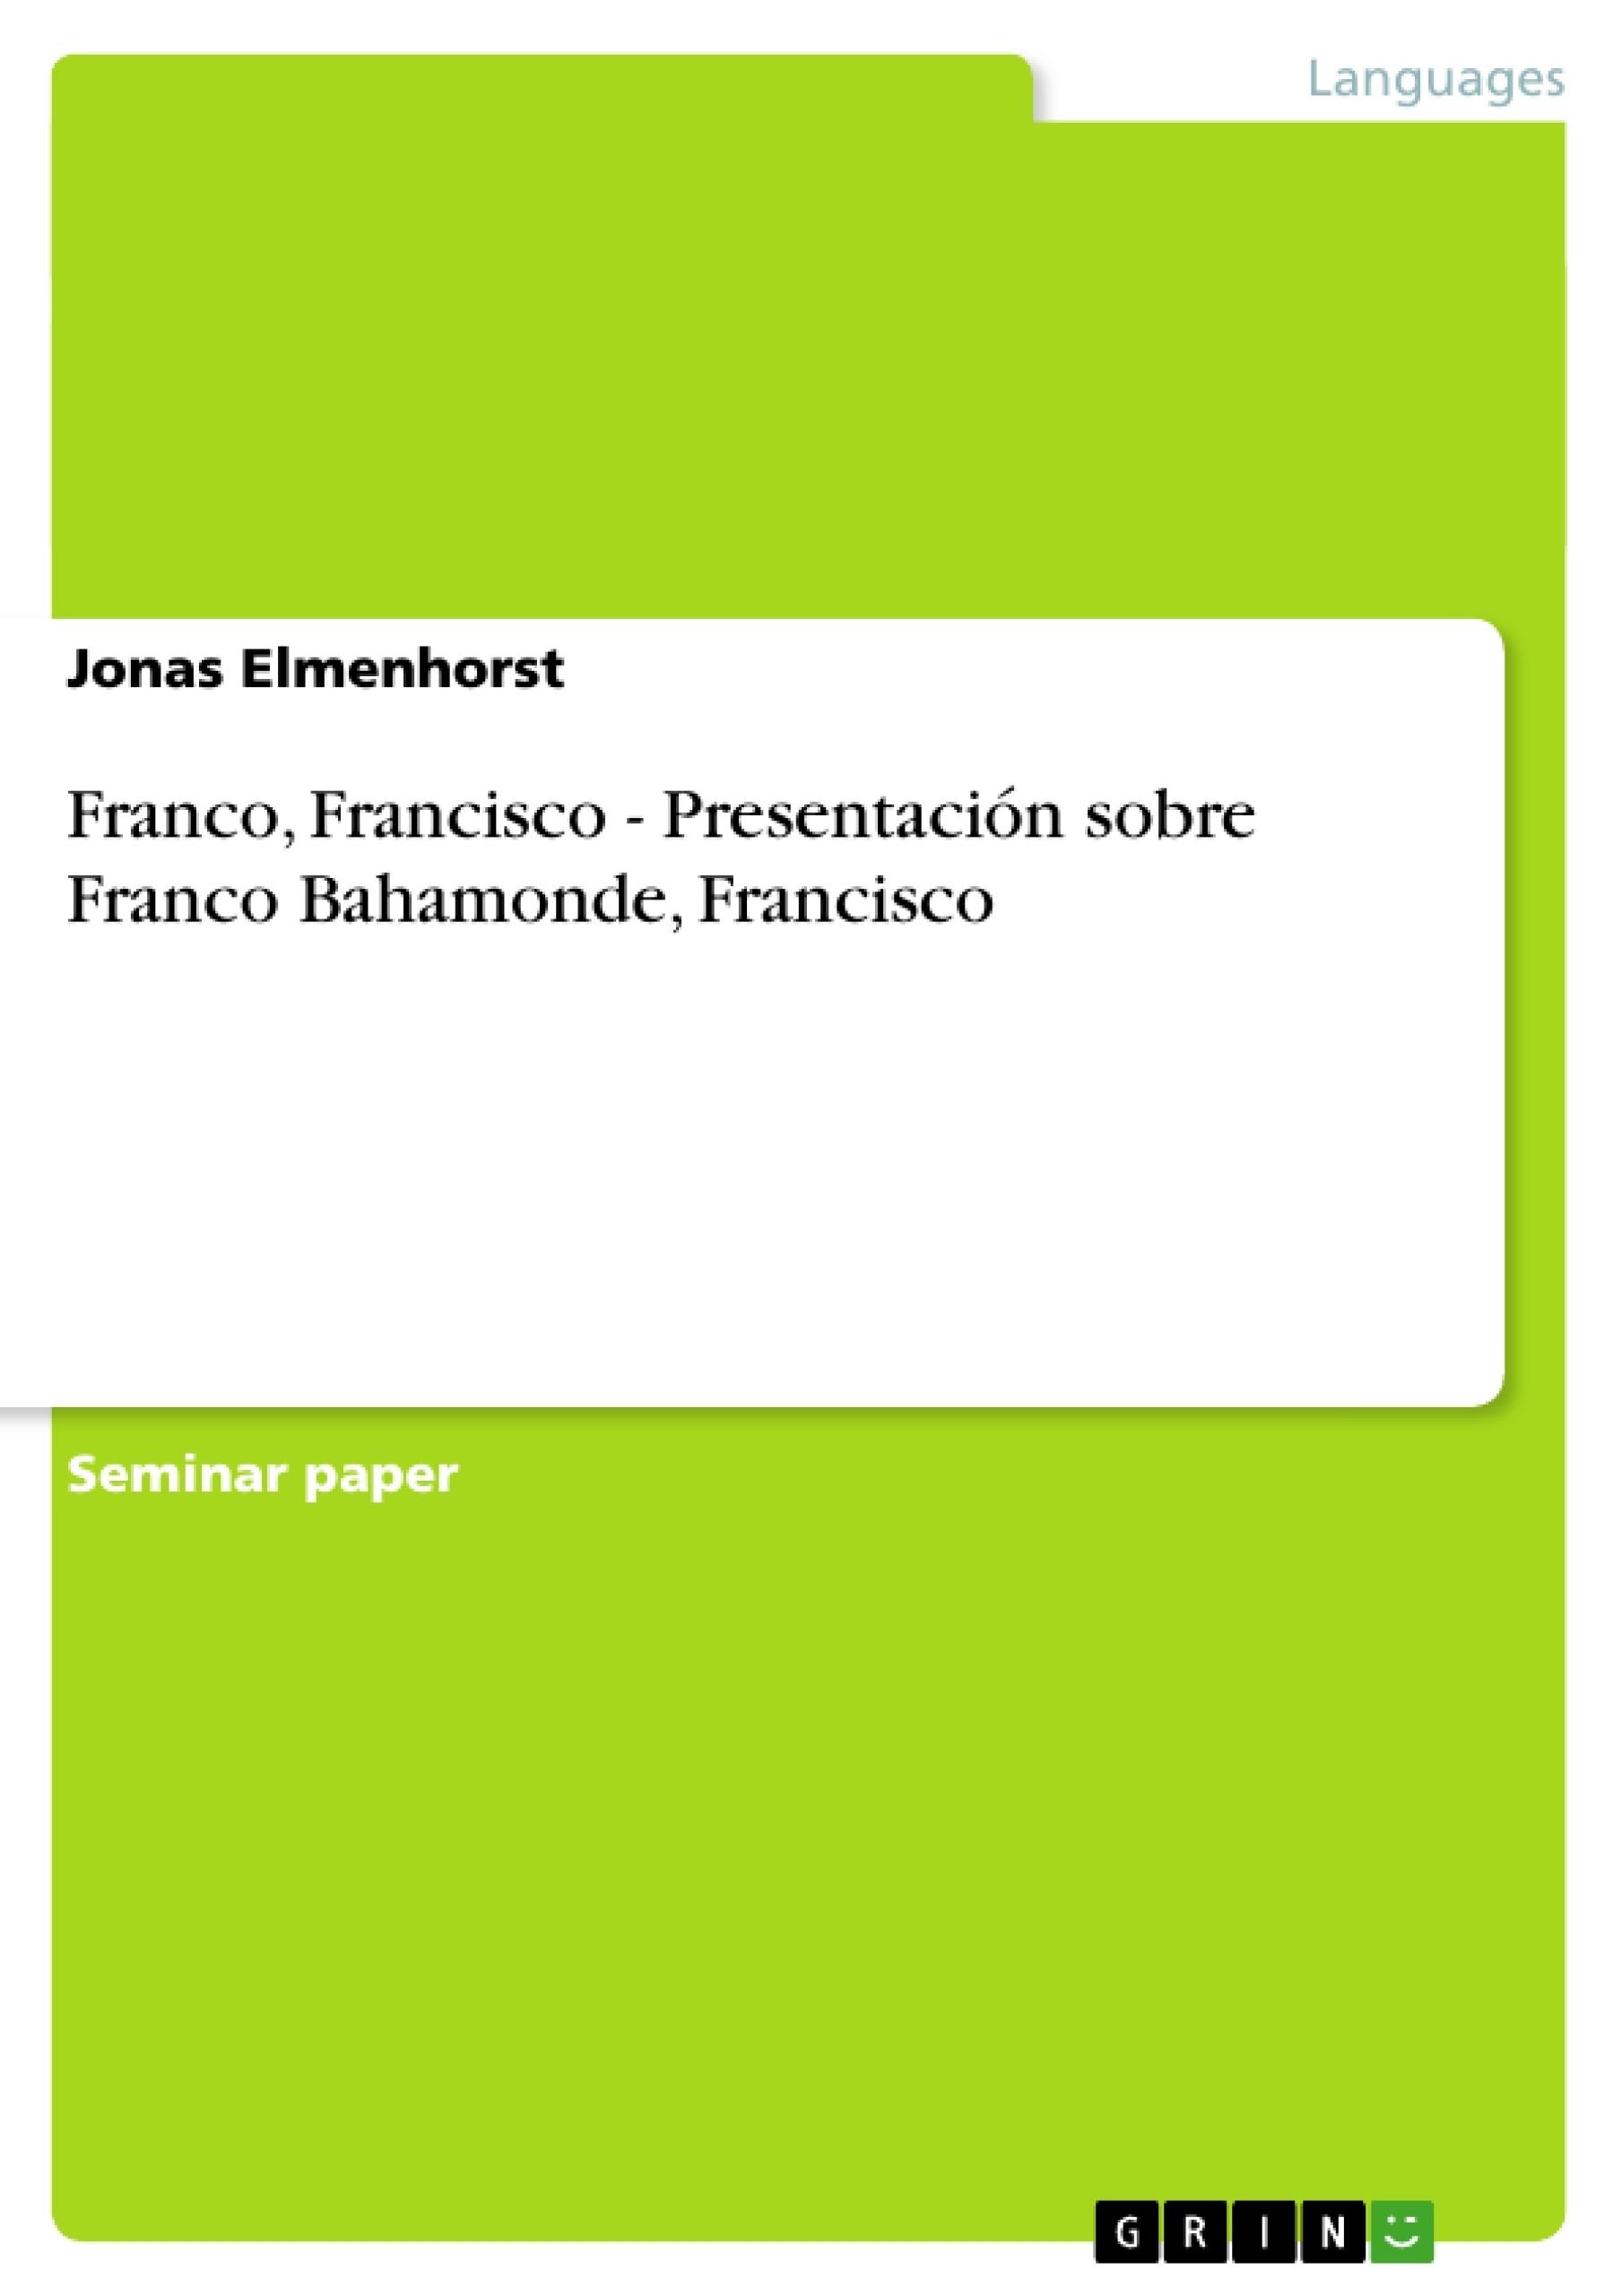 Título: Franco, Francisco - Presentación sobre Franco Bahamonde, Francisco